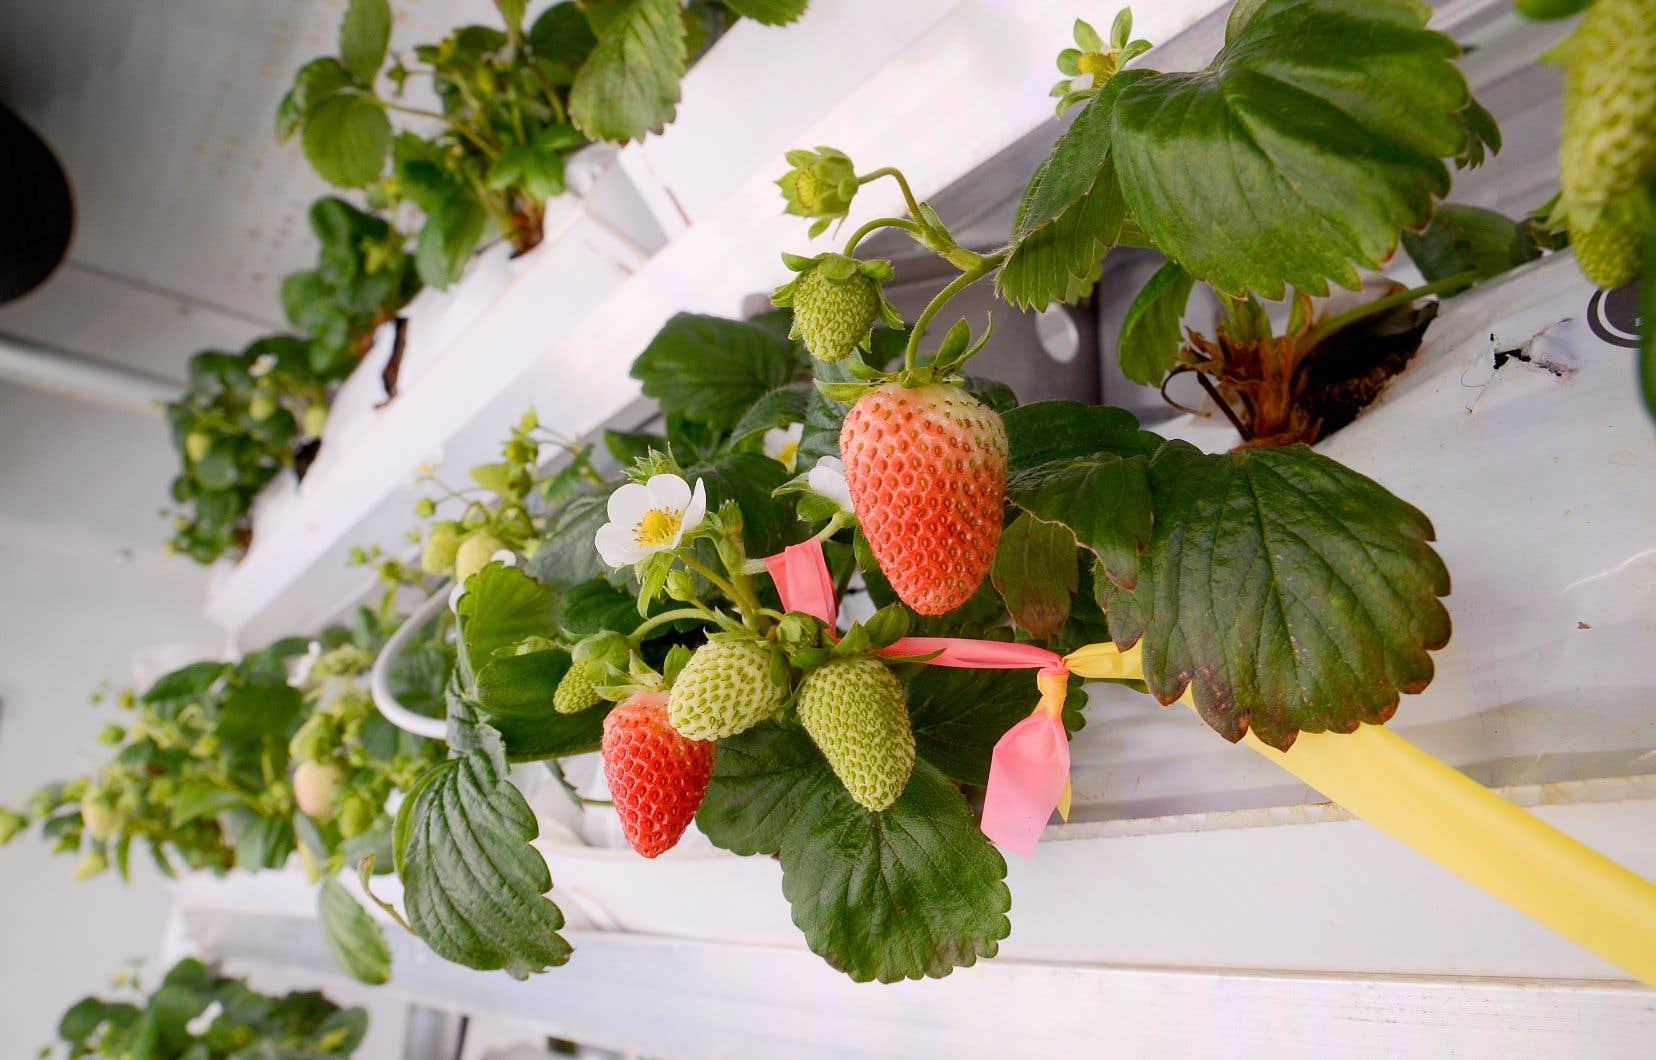 Circuler dans cet environnement artificiel qu'est La Ferme d'hiver revient à longer des murs de fraisiers.